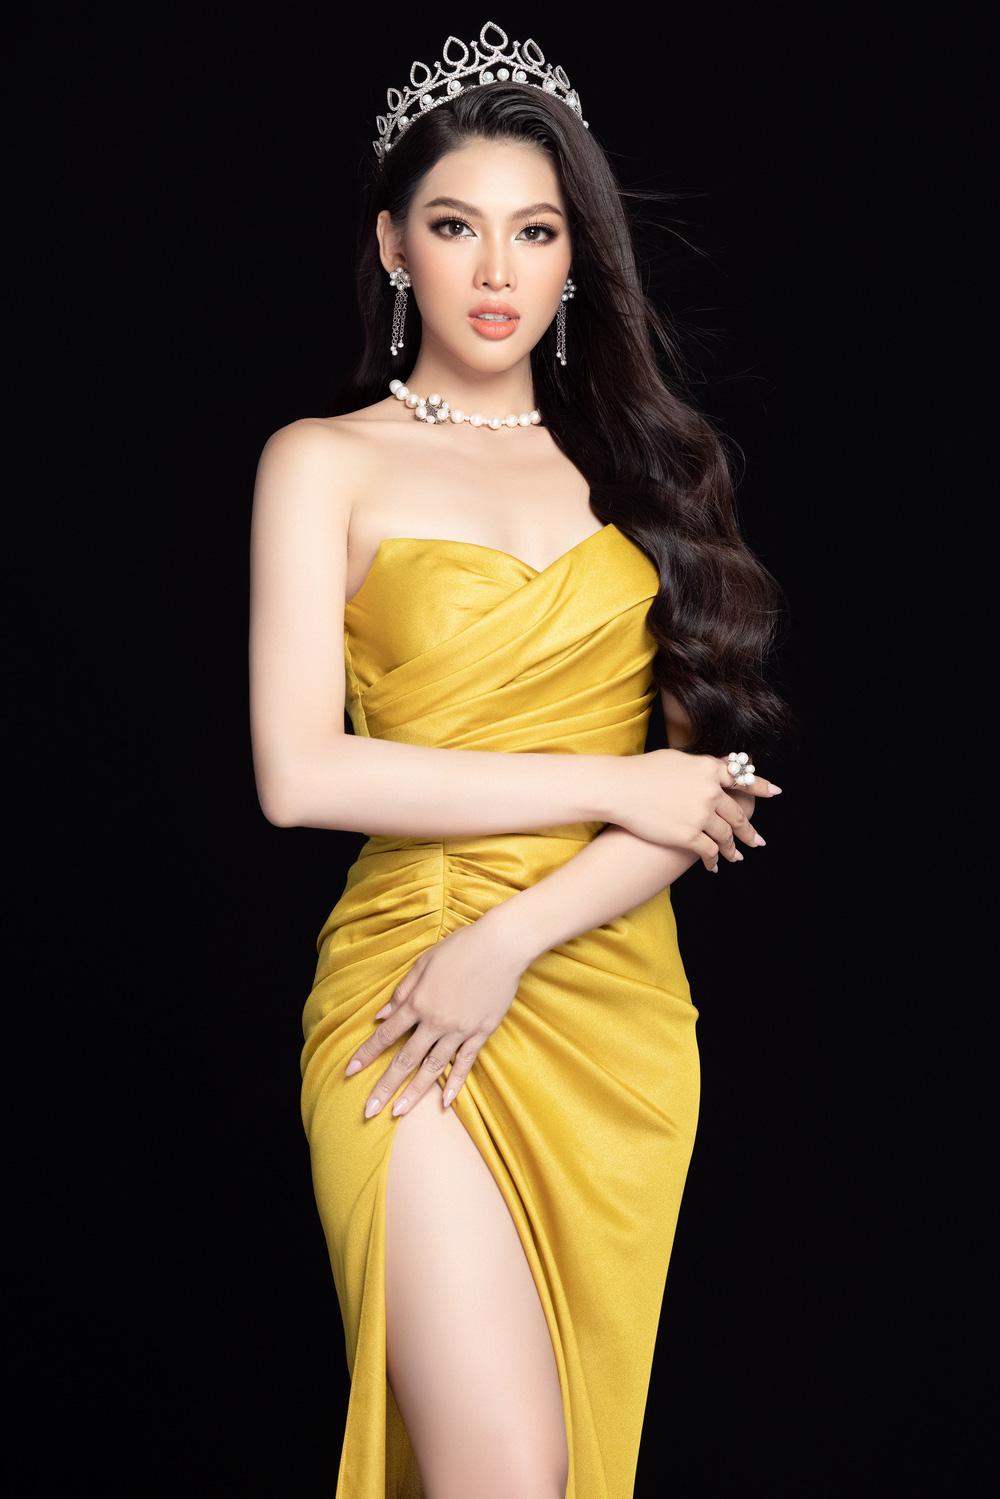 Hoa hậu Đỗ Thị Hà đọ sắc bên hai Á hậu sau 1 tháng đăng quang - Ảnh 12.